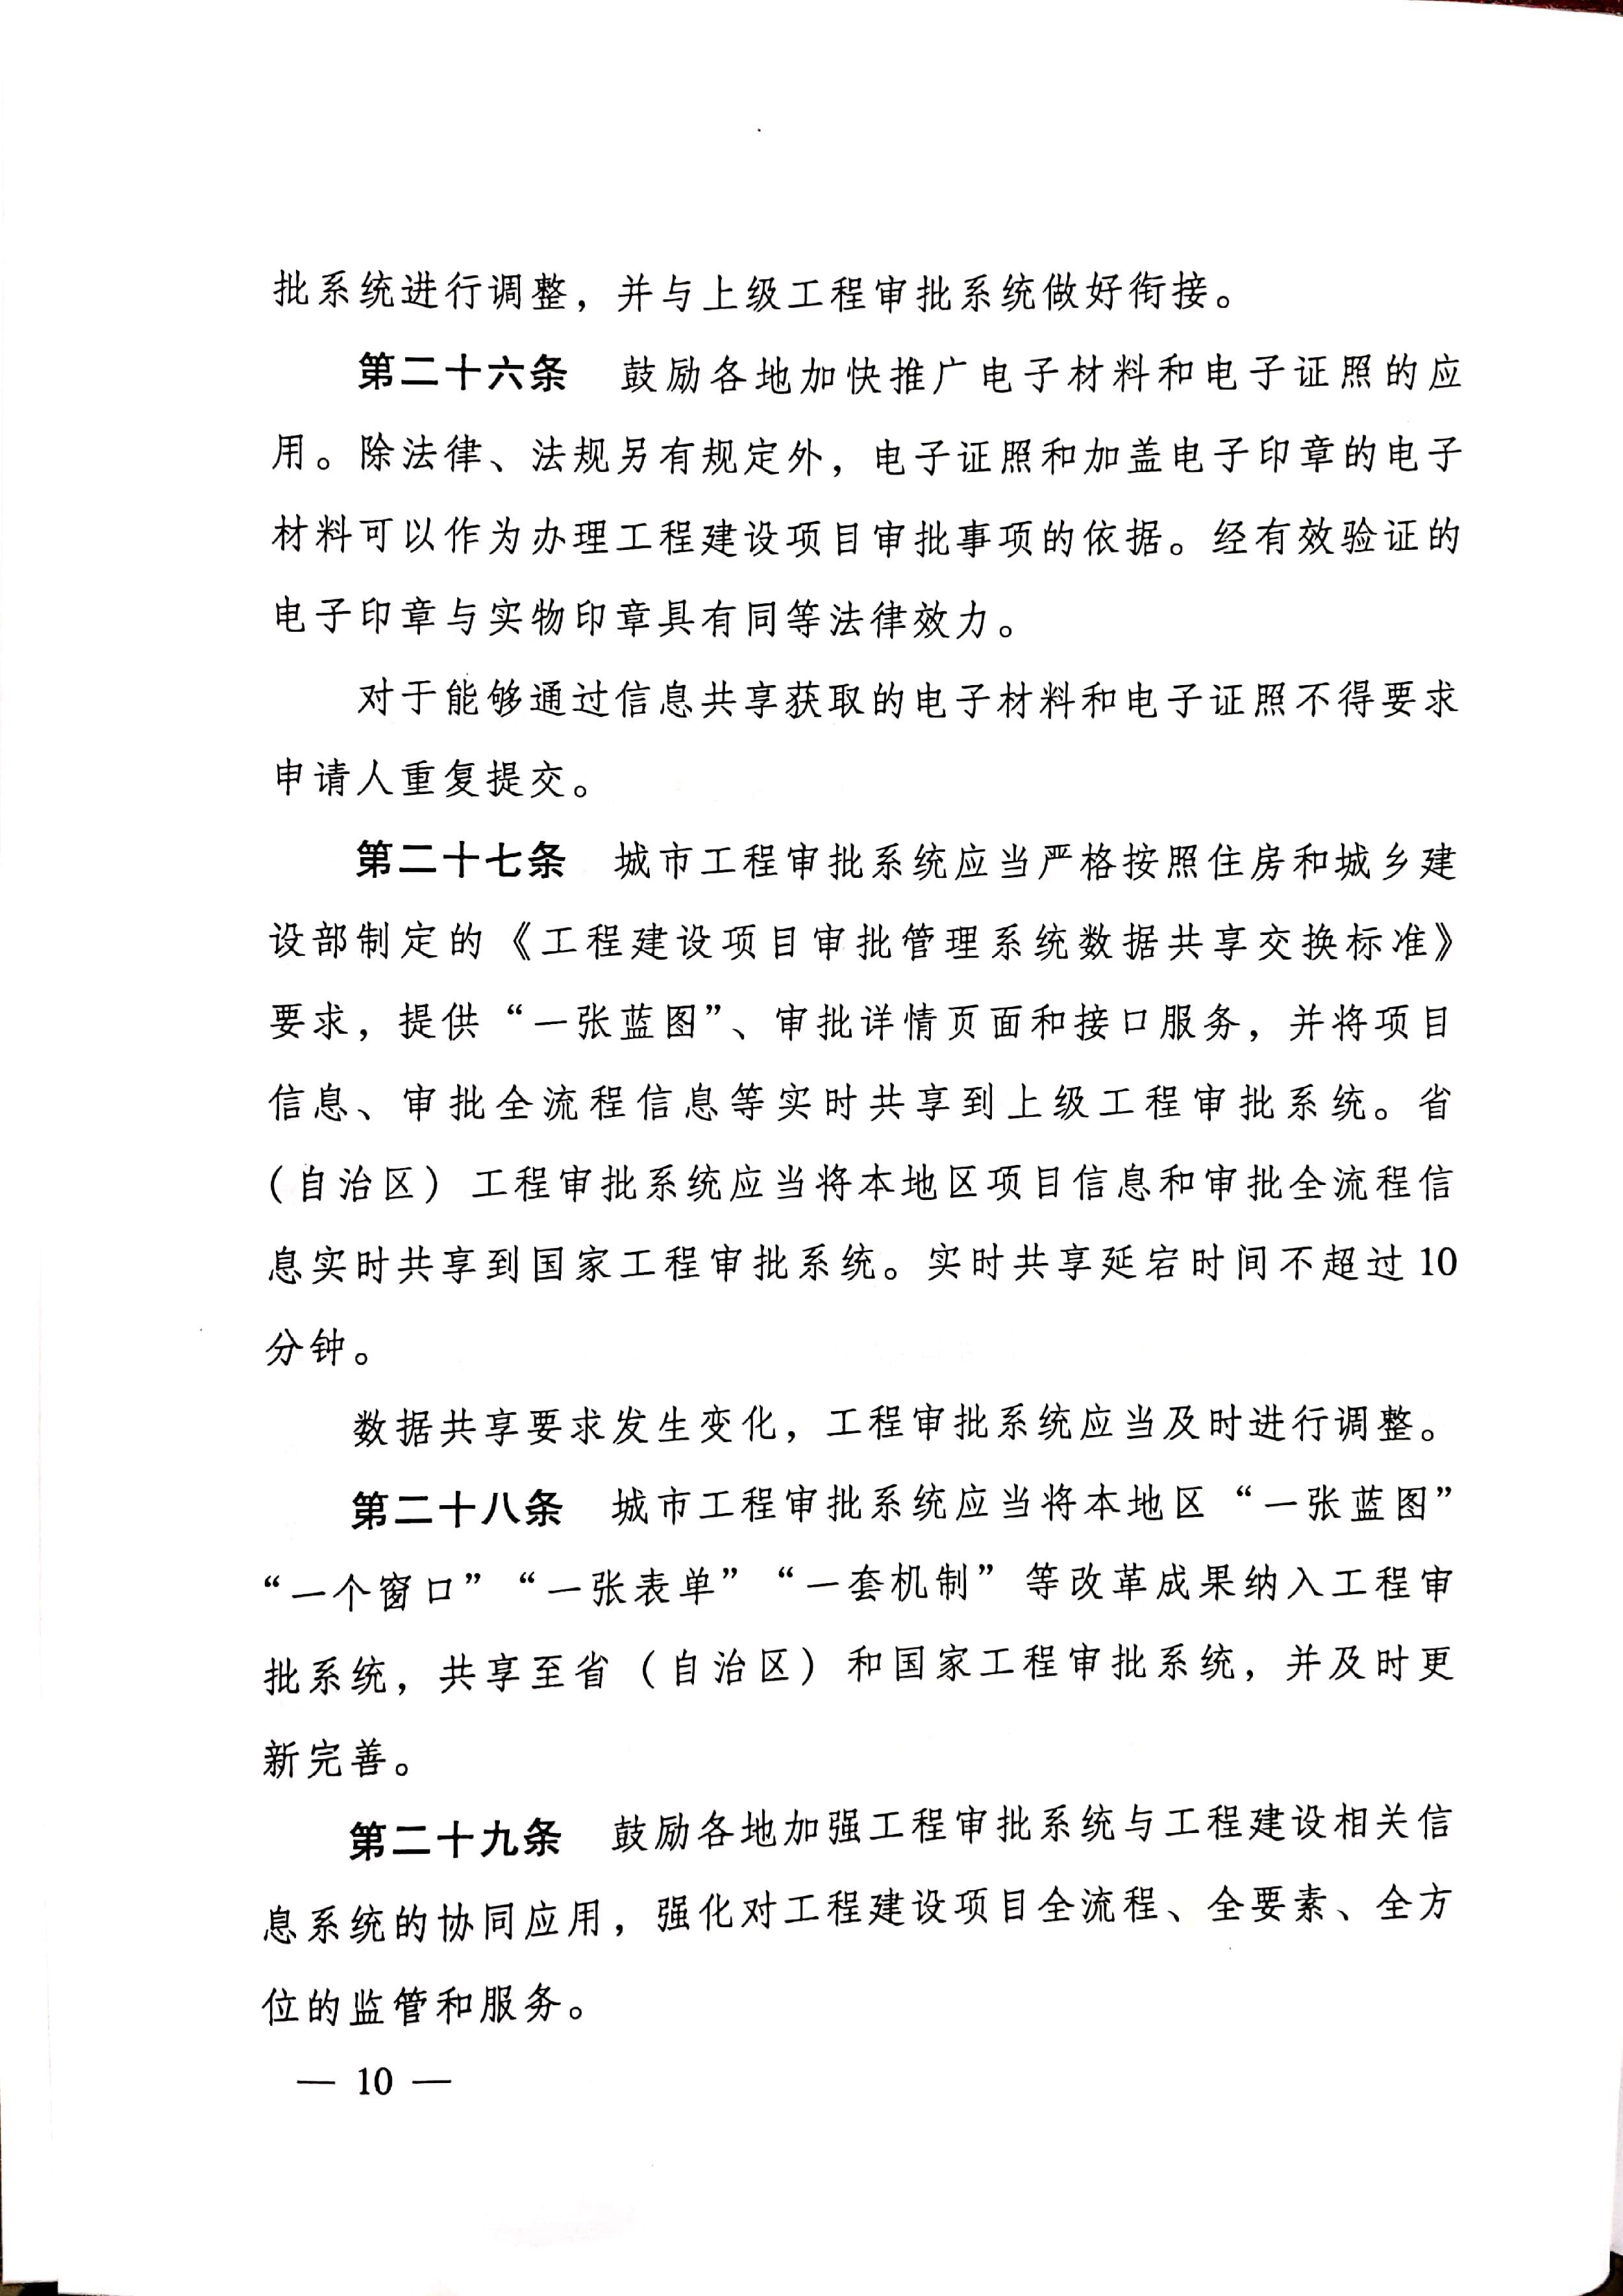 住房和城乡建设部关于印发《工程建设项目审批管理系统管理暂行办法的通知》(建办[2020]47号)_页面_10.jpg